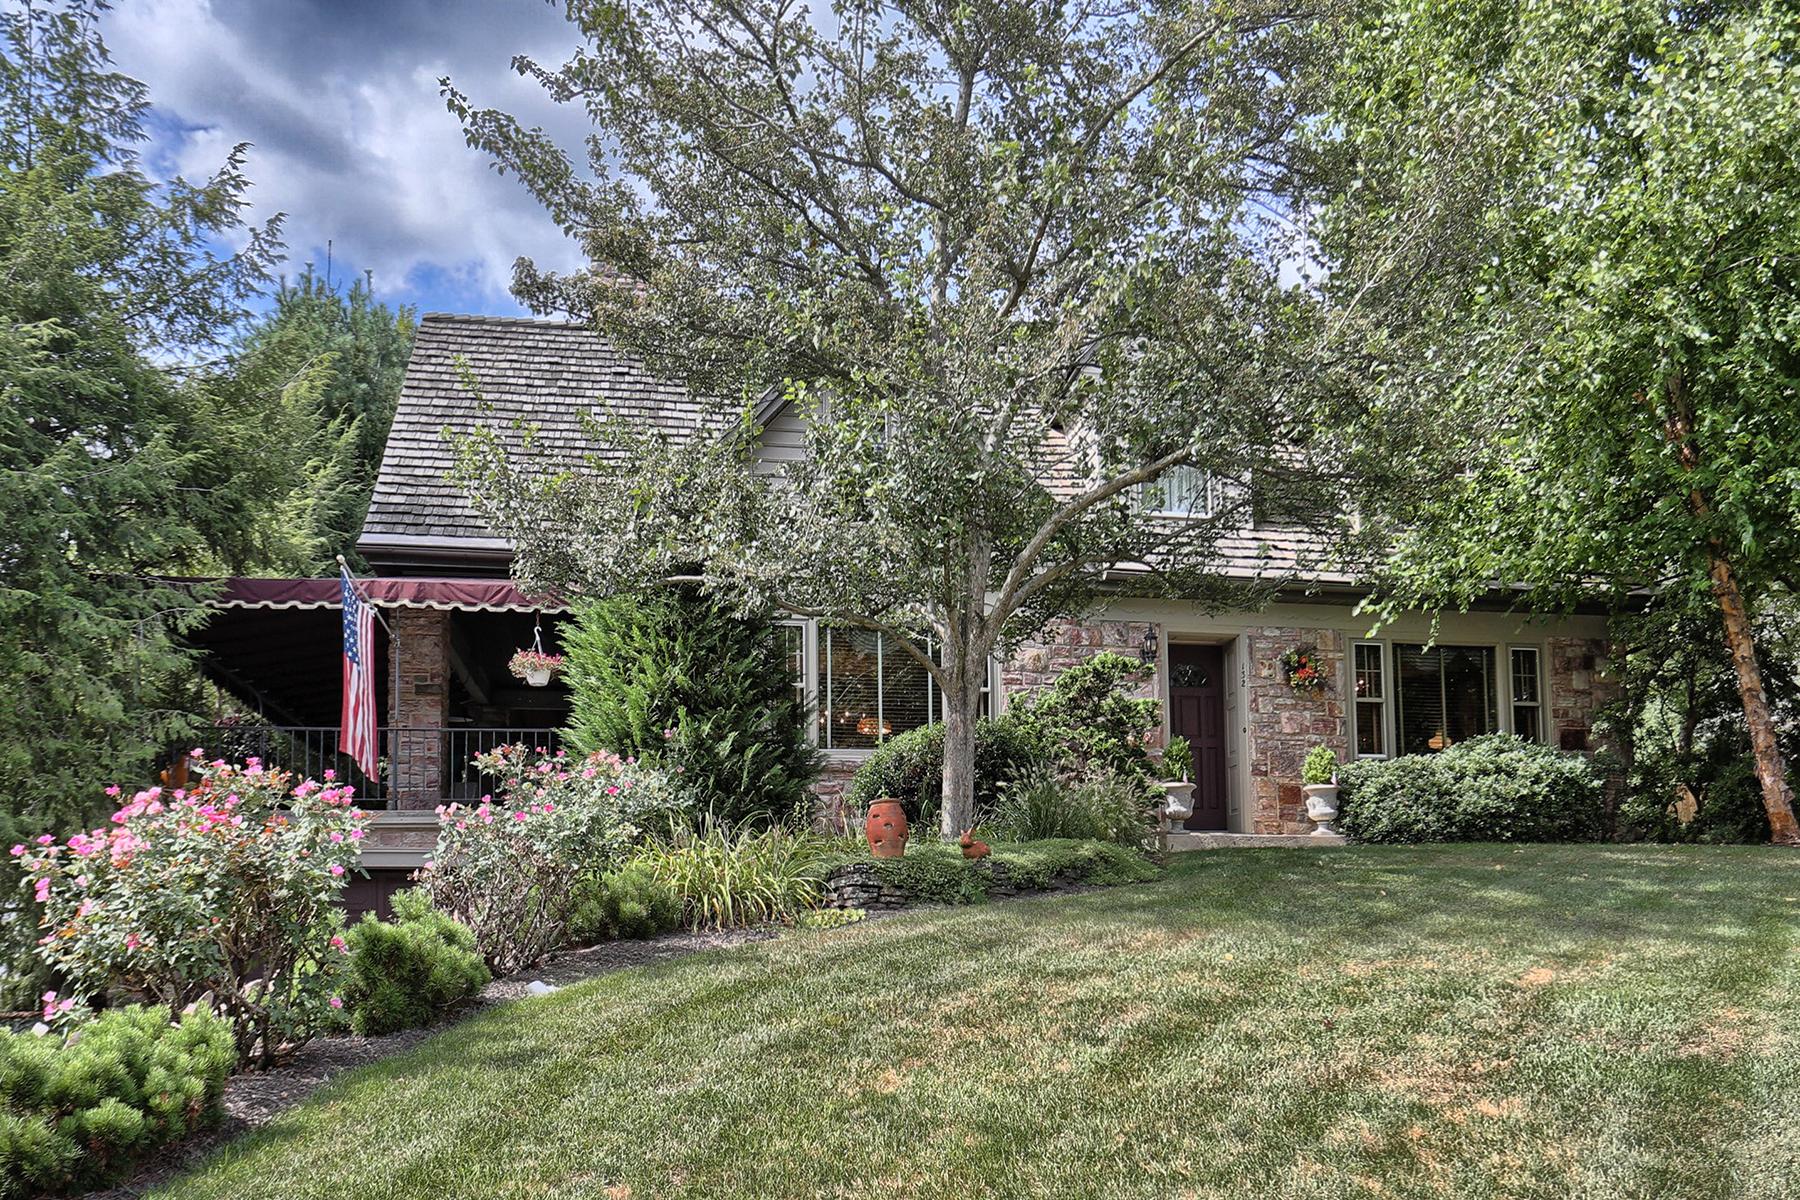 Частный односемейный дом для того Продажа на 132 E Ferdinand Street Manheim, 17545 Соединенные Штаты